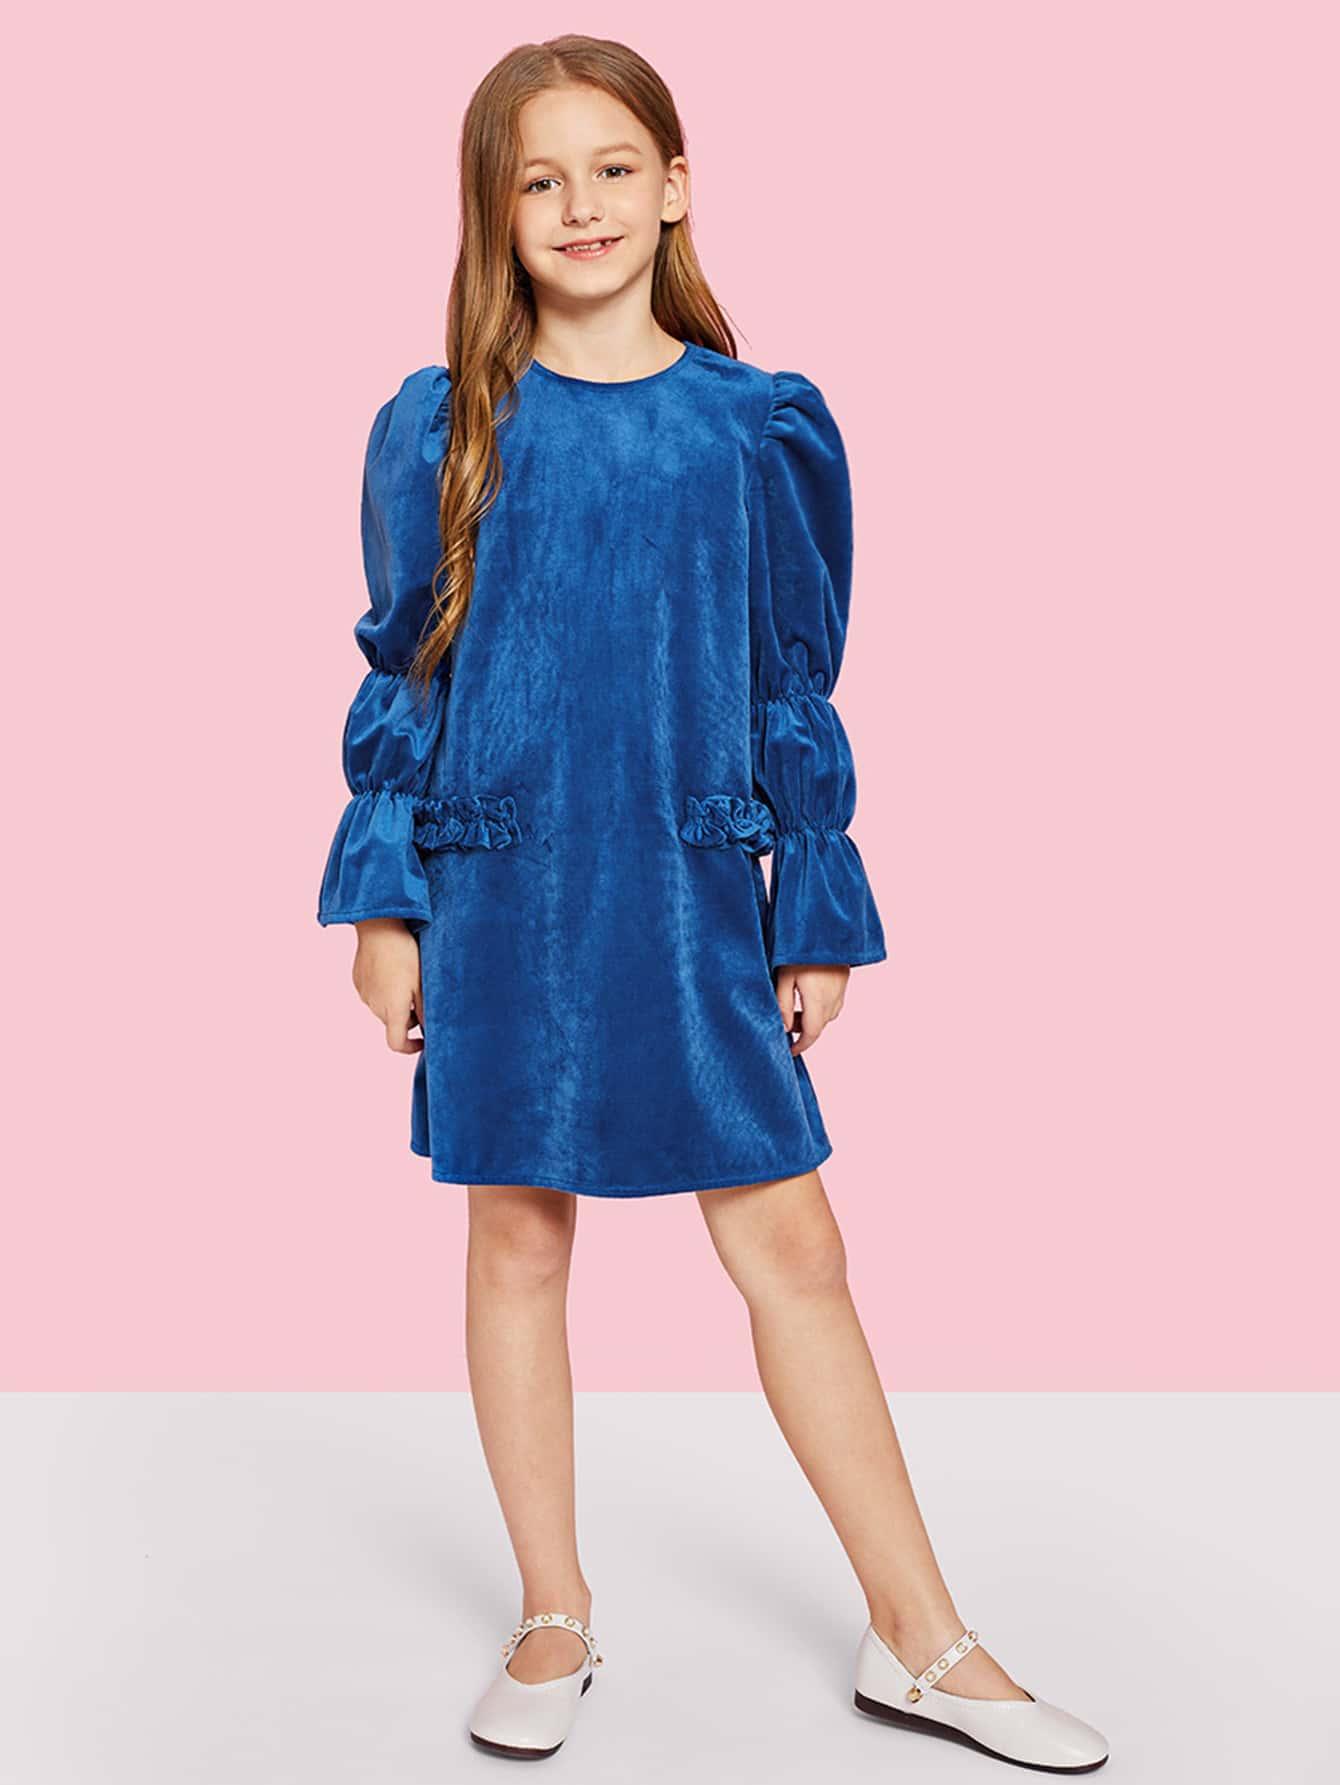 Купить Для девочек платье на молнии сзади с рюшами отделкой, Sashab, SheIn